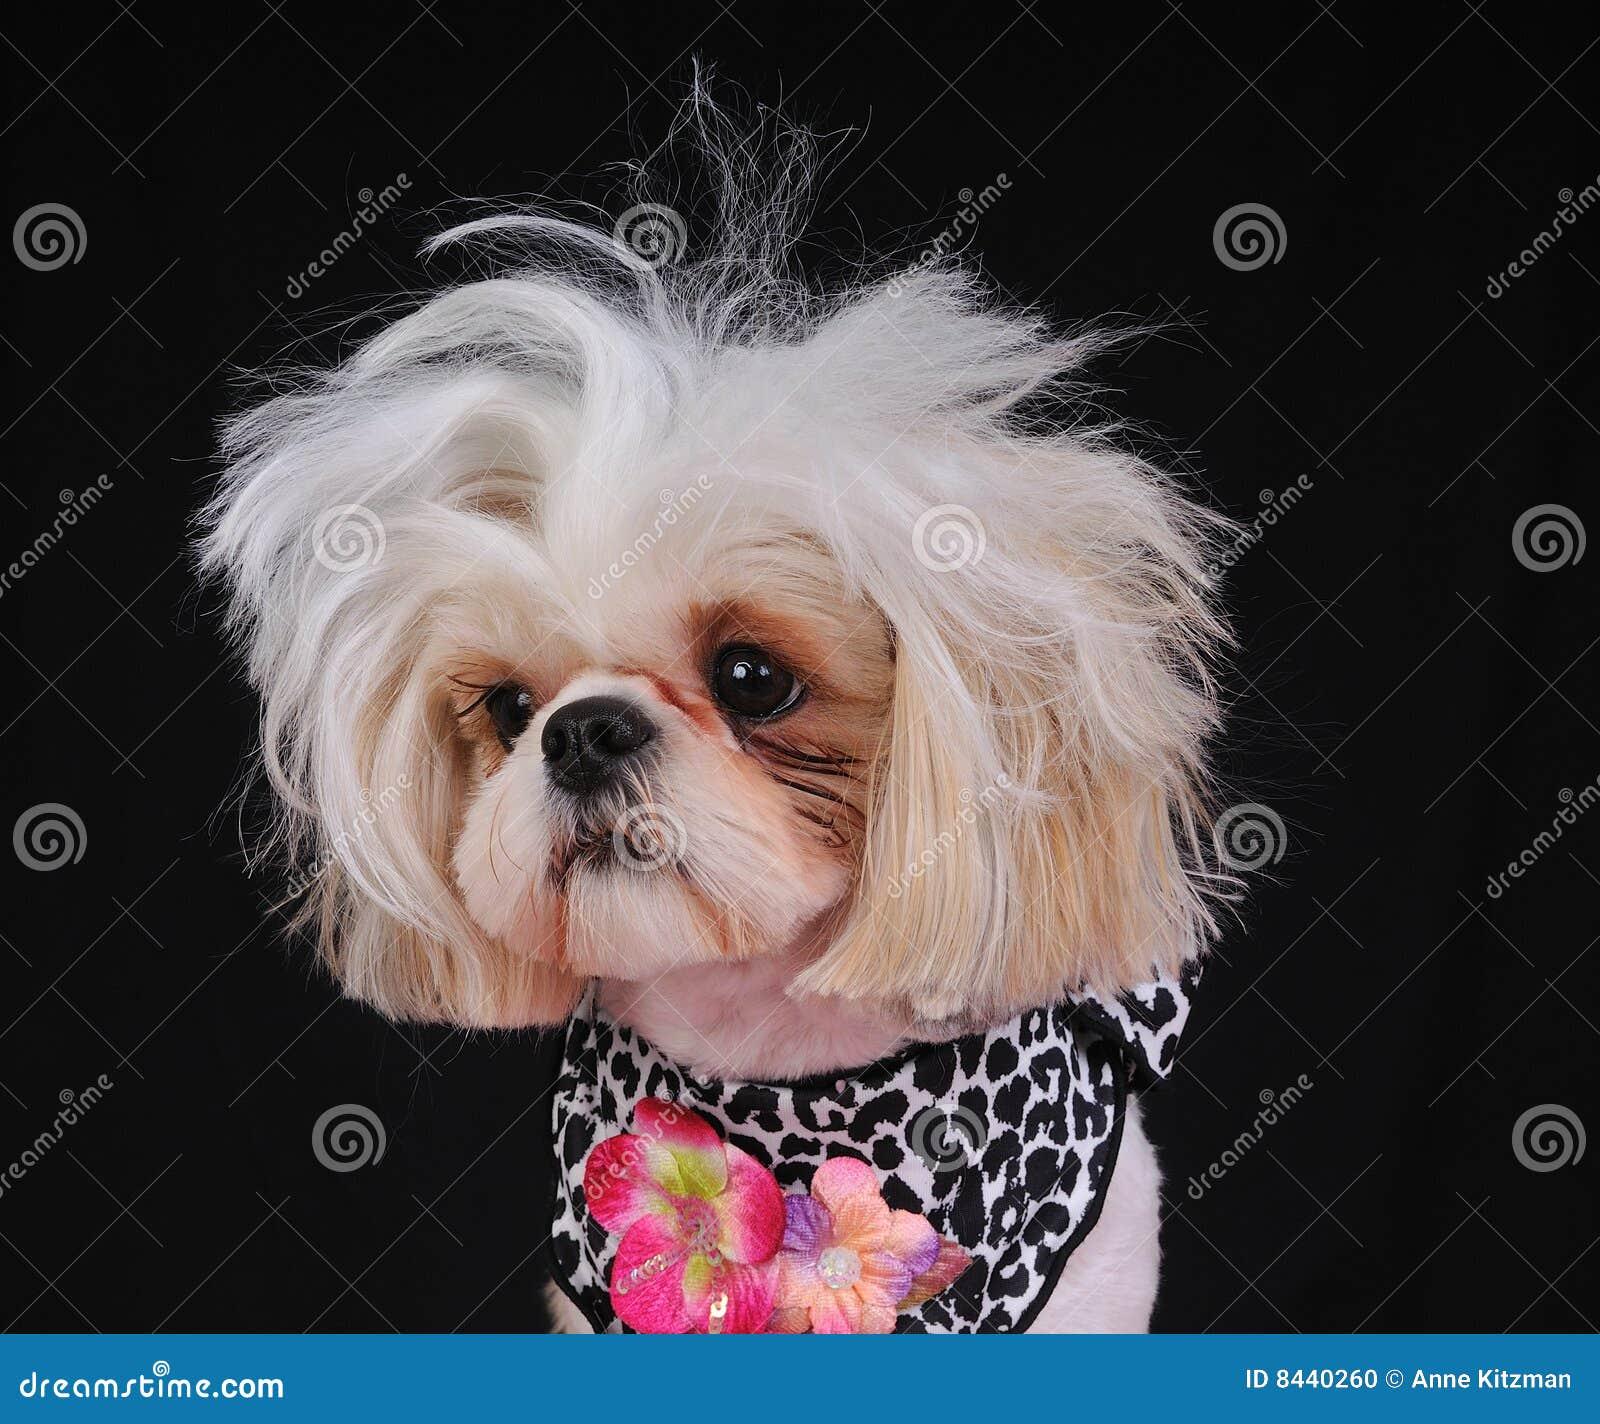 how to cut dog hair shih tzu